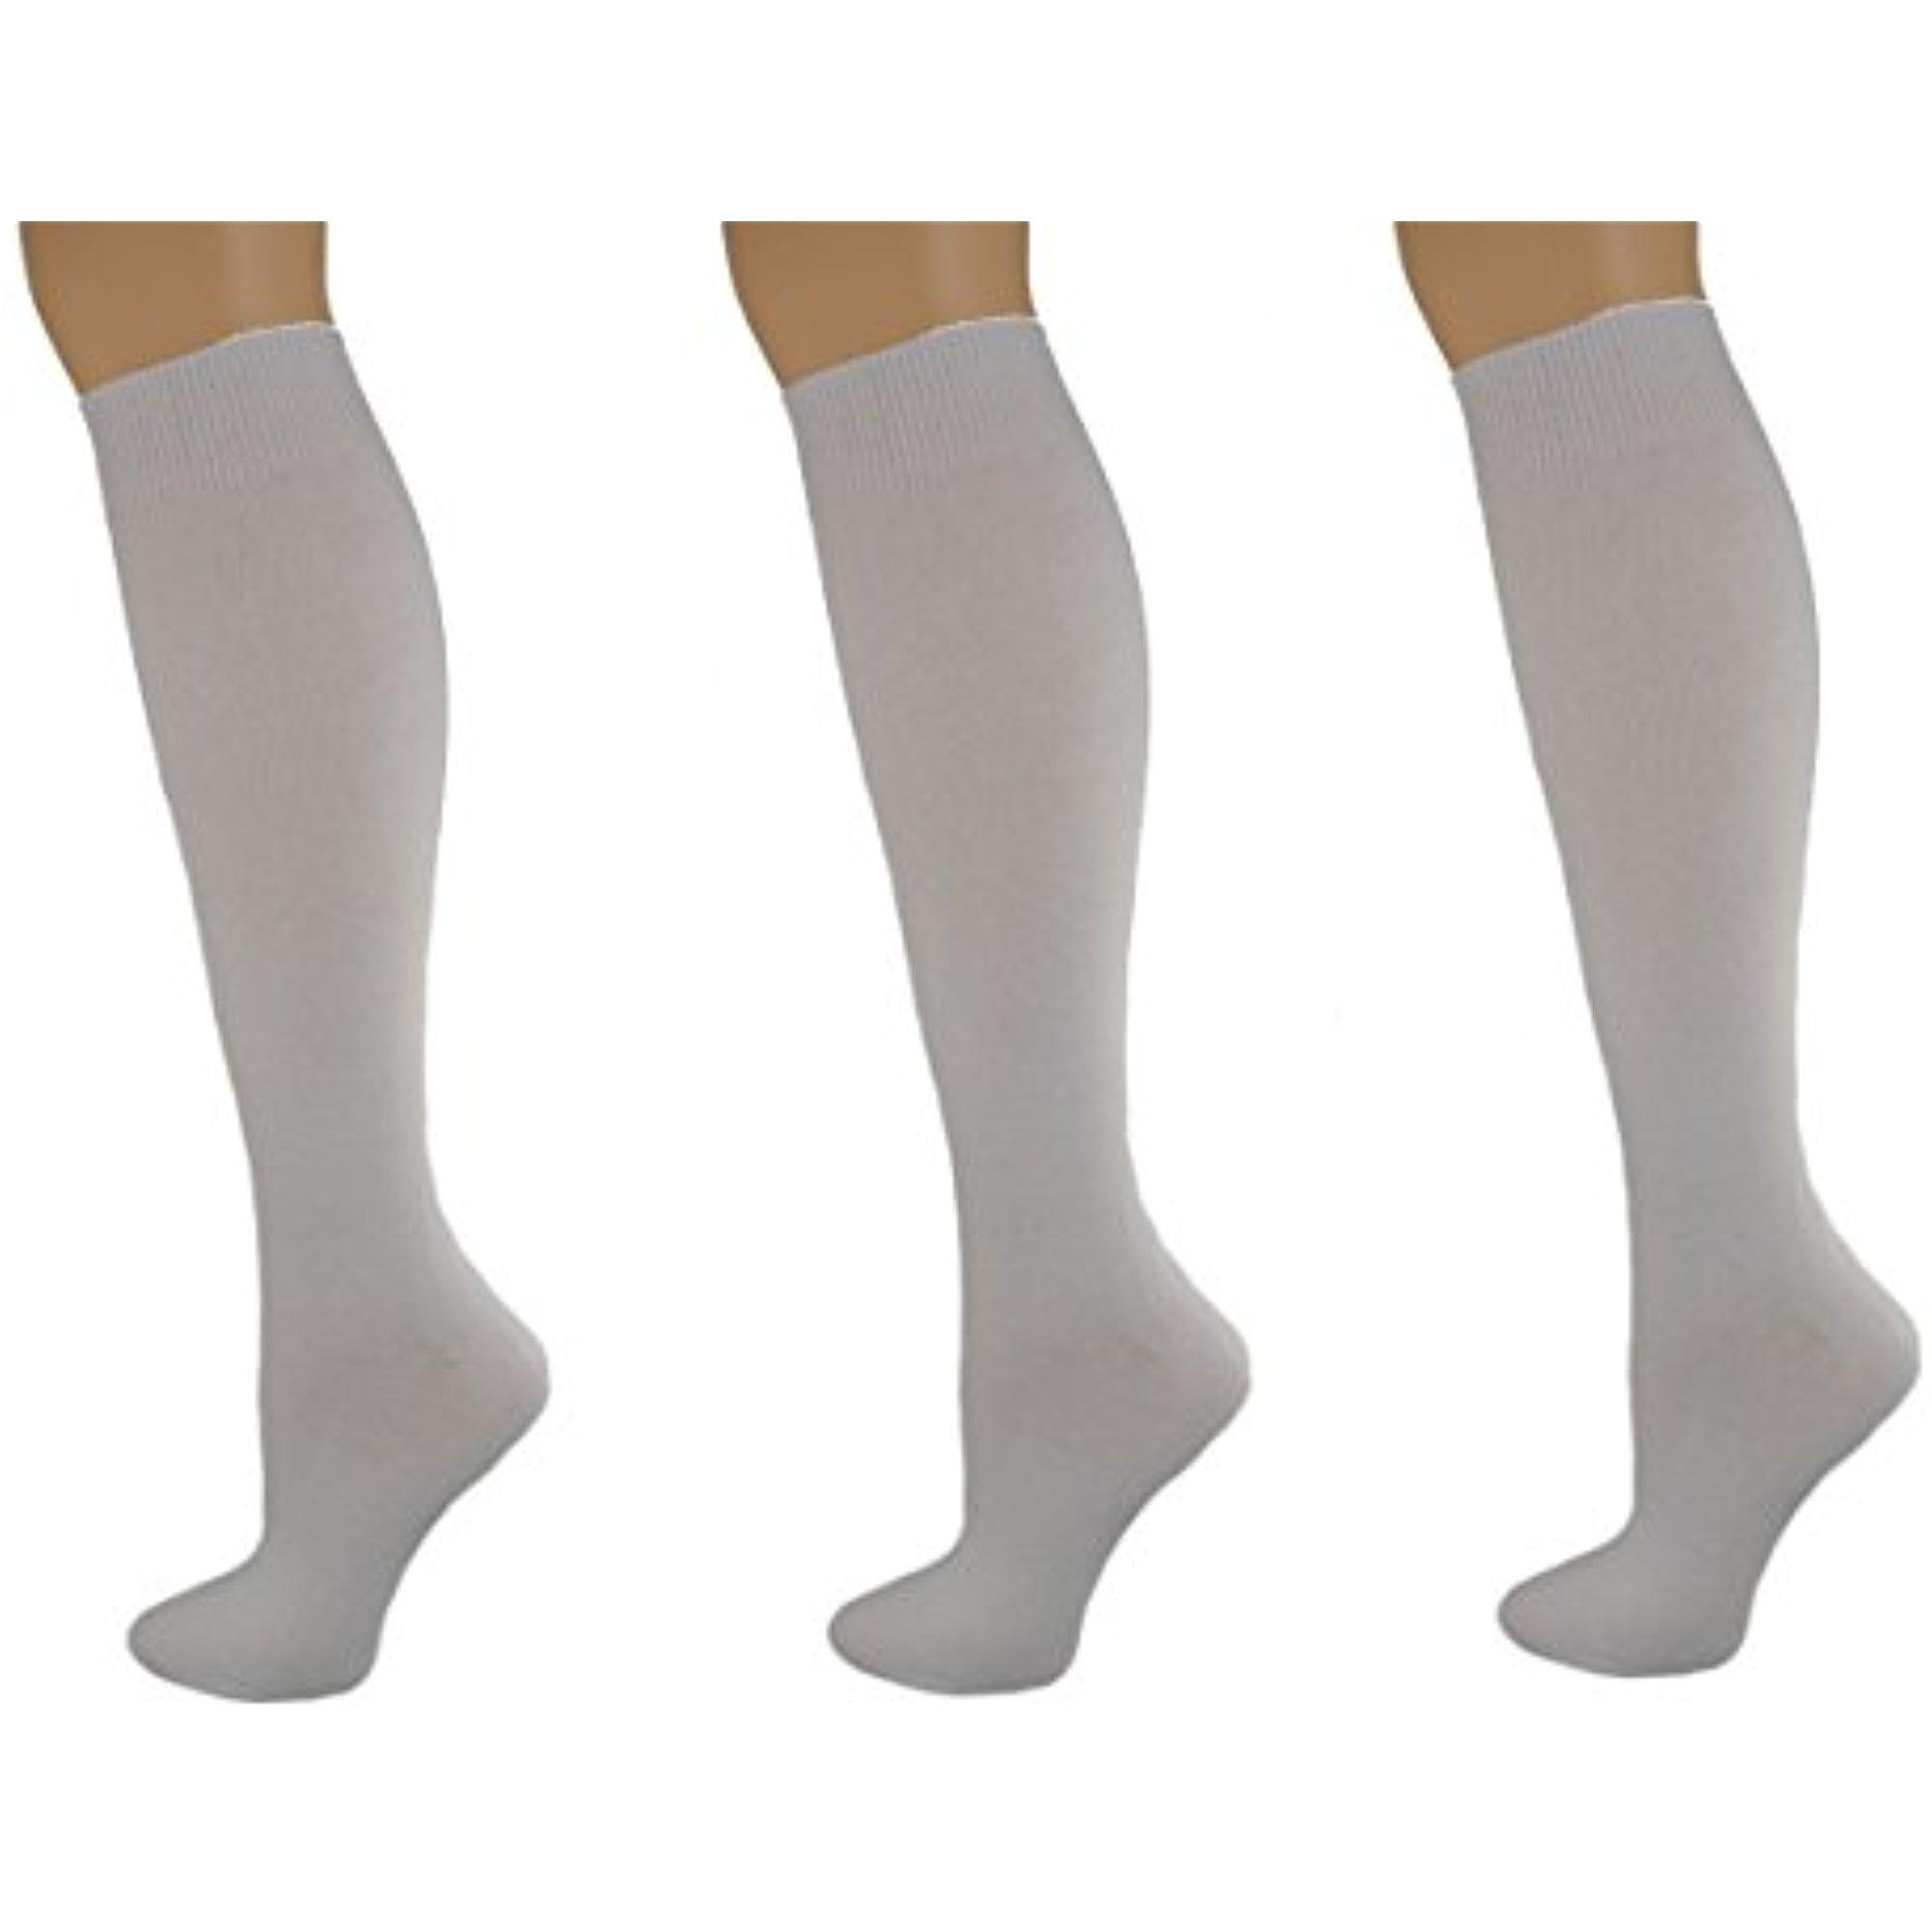 fbc783d6112 Sierra Socks - Sierra Socks Girl s School Uniform Knee High 3 pair Pack Cotton  Socks G7200 (S Shoe Size 9-1